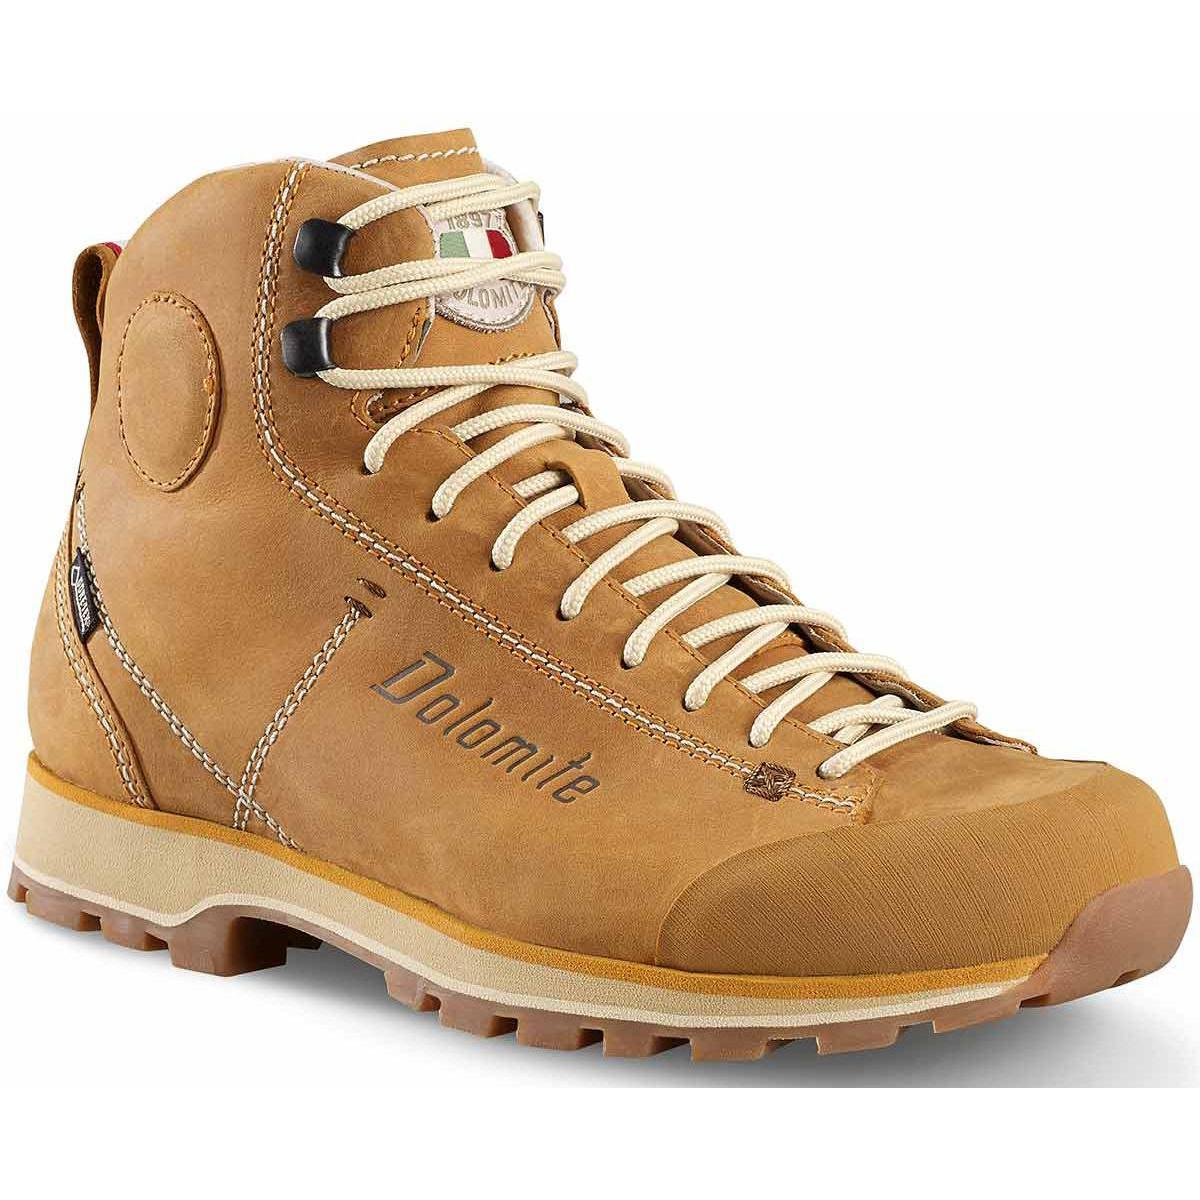 Купить Ботинки городские (высокие) Dolomite 2017-18 Cinquantaquattro High Fg Gtx Ocher, Обувь для города, 1199433